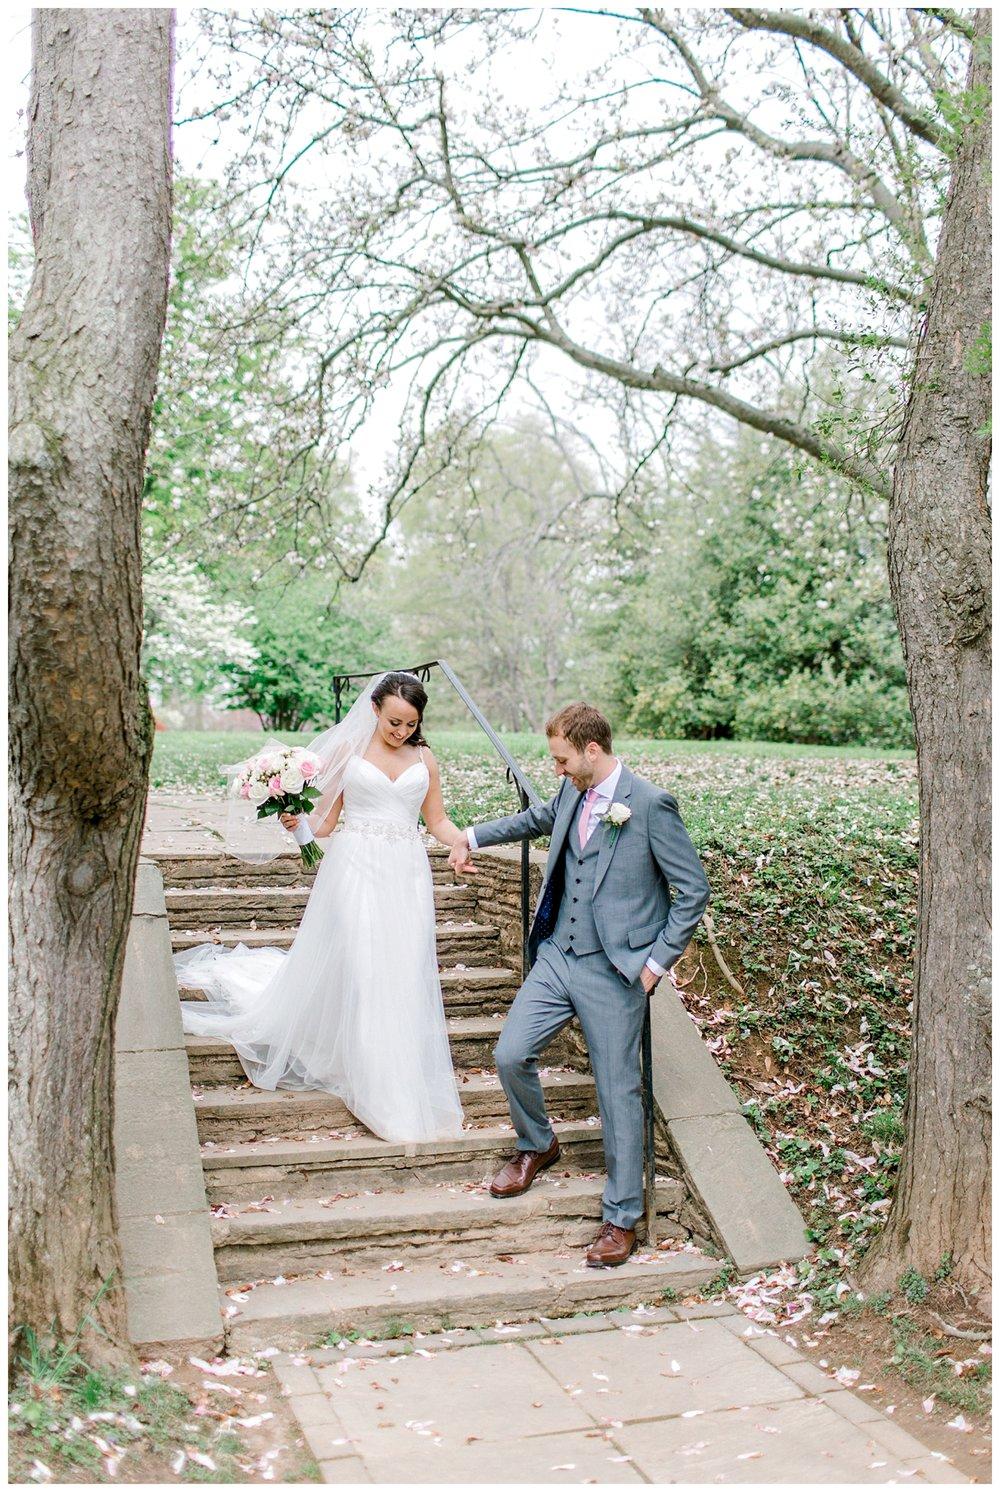 Woodend Nature Sanctuary Wedding Maryland Wedding Photographer_0047.jpg